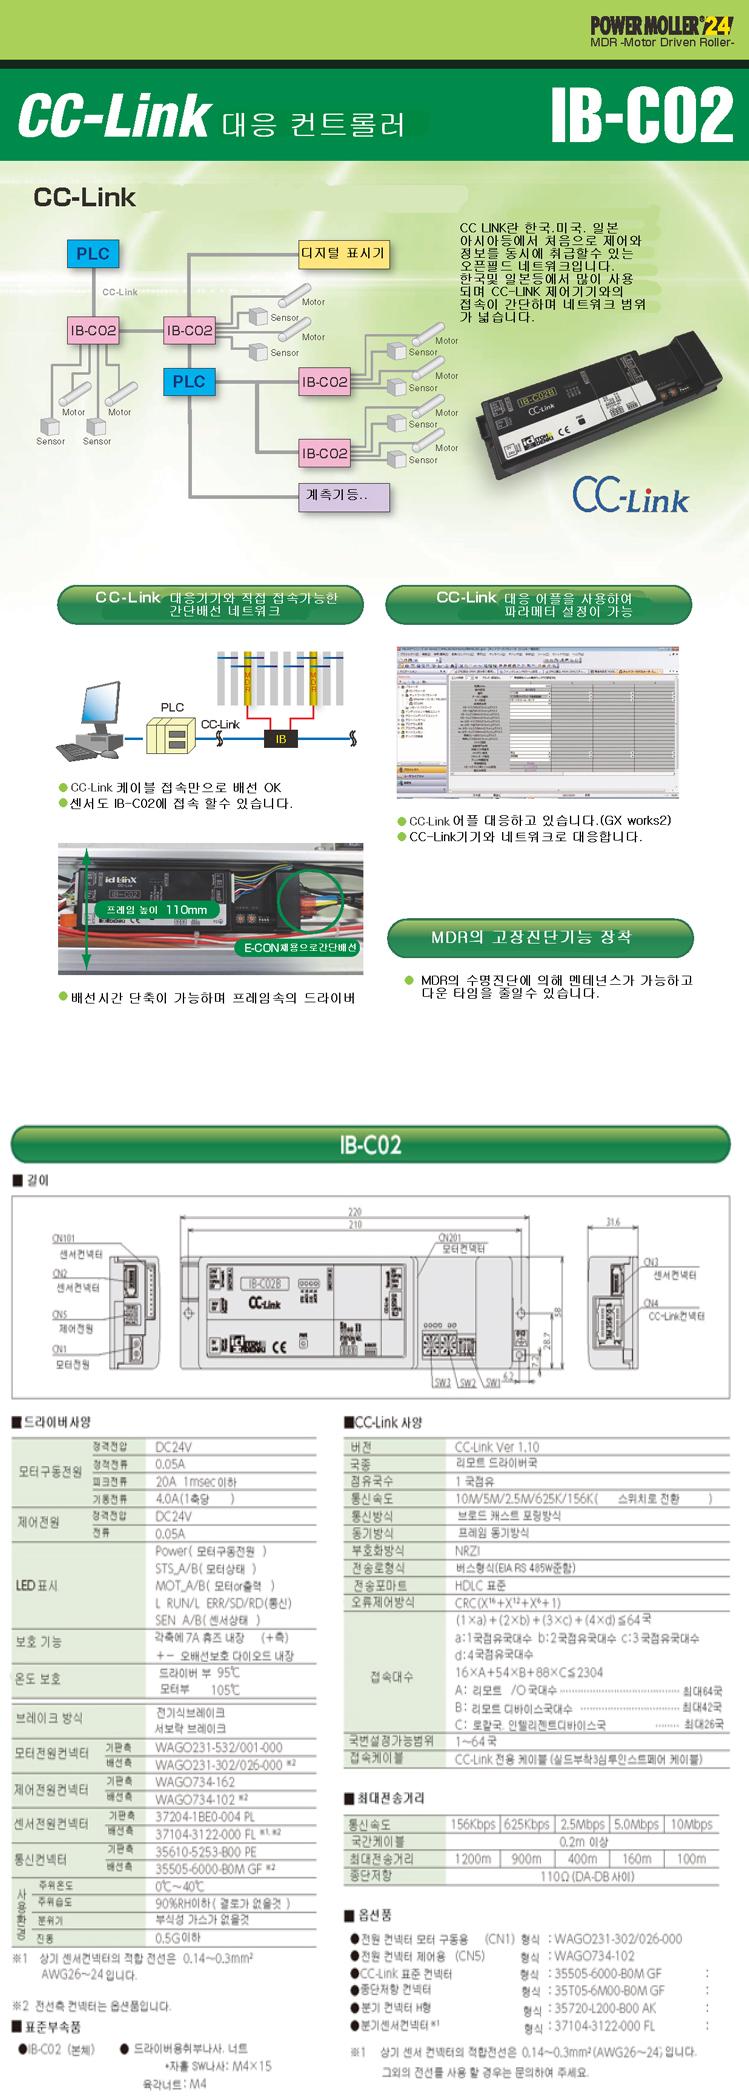 (주)은현산업 CC-Link 대응 컨트롤러 IB-C02